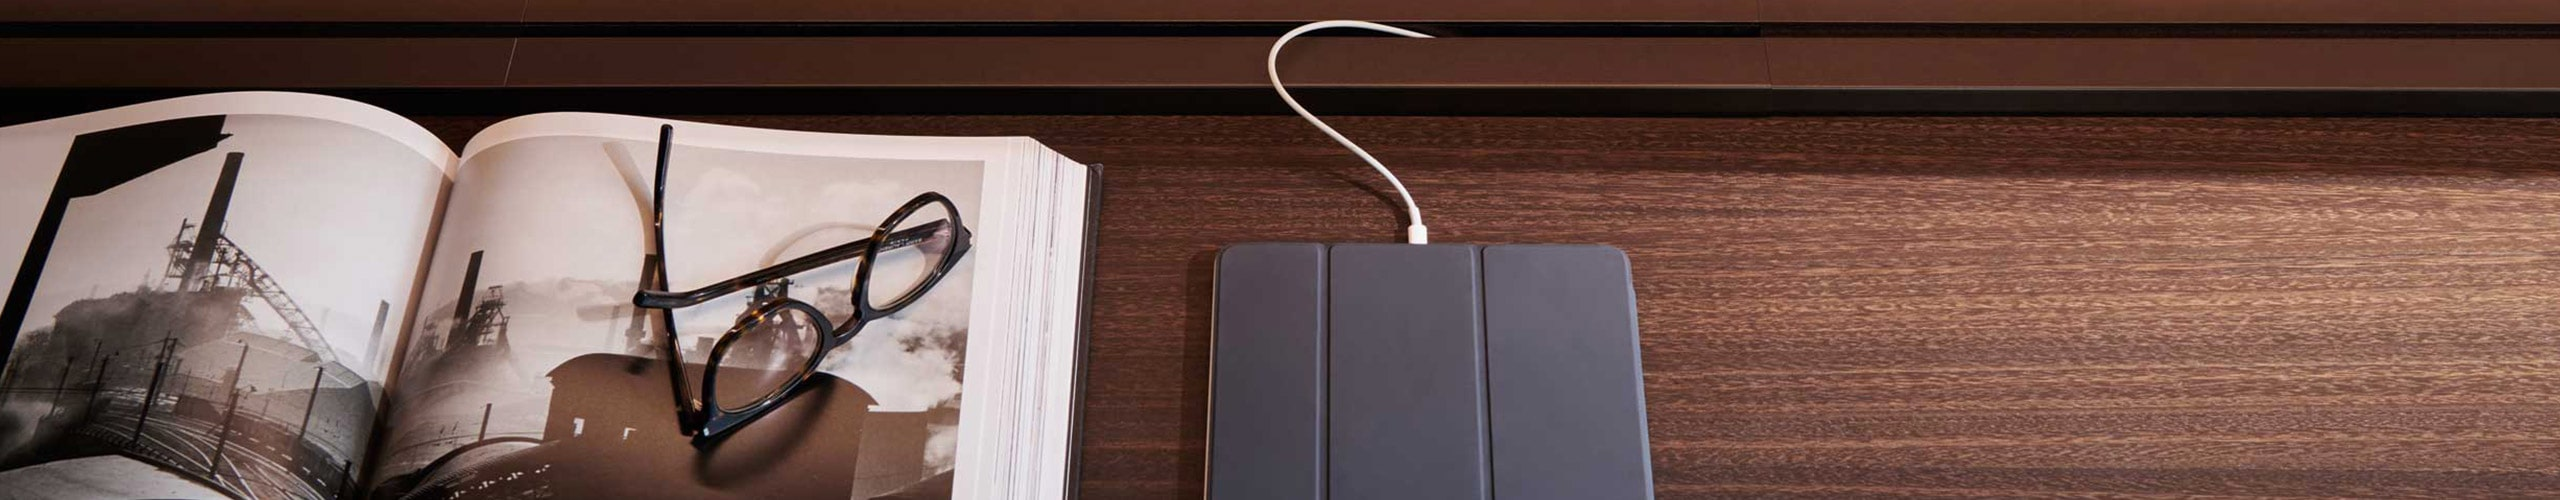 scrivania-molteni-dada-interior-design-lusso-lecce-brindisi-taranto